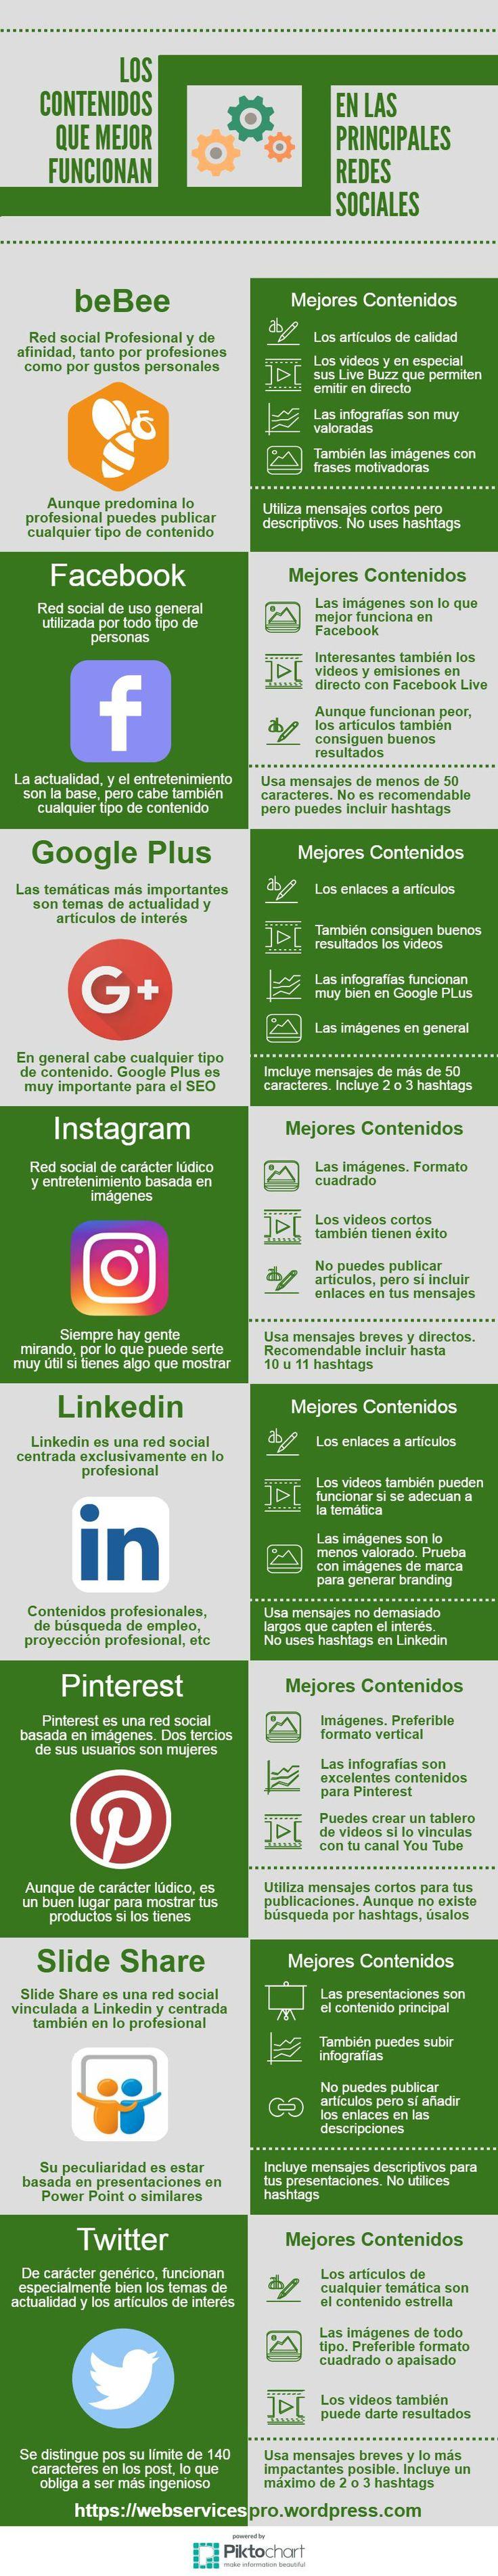 ¿Sabes cuales son los contenidos que mejor funcionan en las #redessociales más importantes? #MarketingDeContenidos #SocialMedia #Infografía